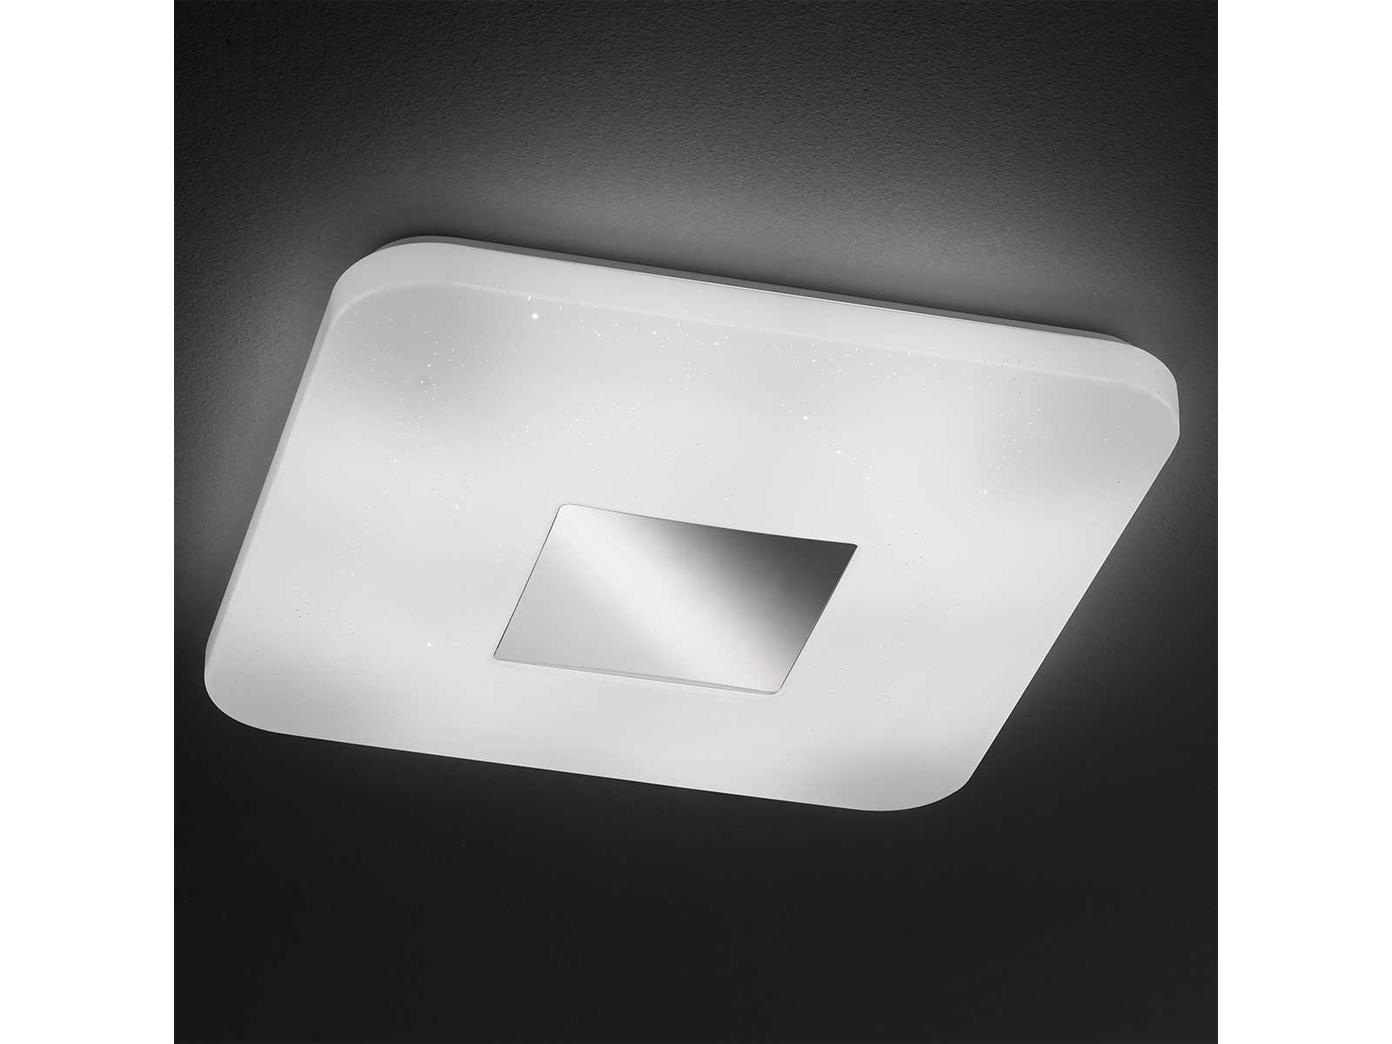 Deckenlampe Schlafzimmer | Trio Design Led Deckenleuchte ...